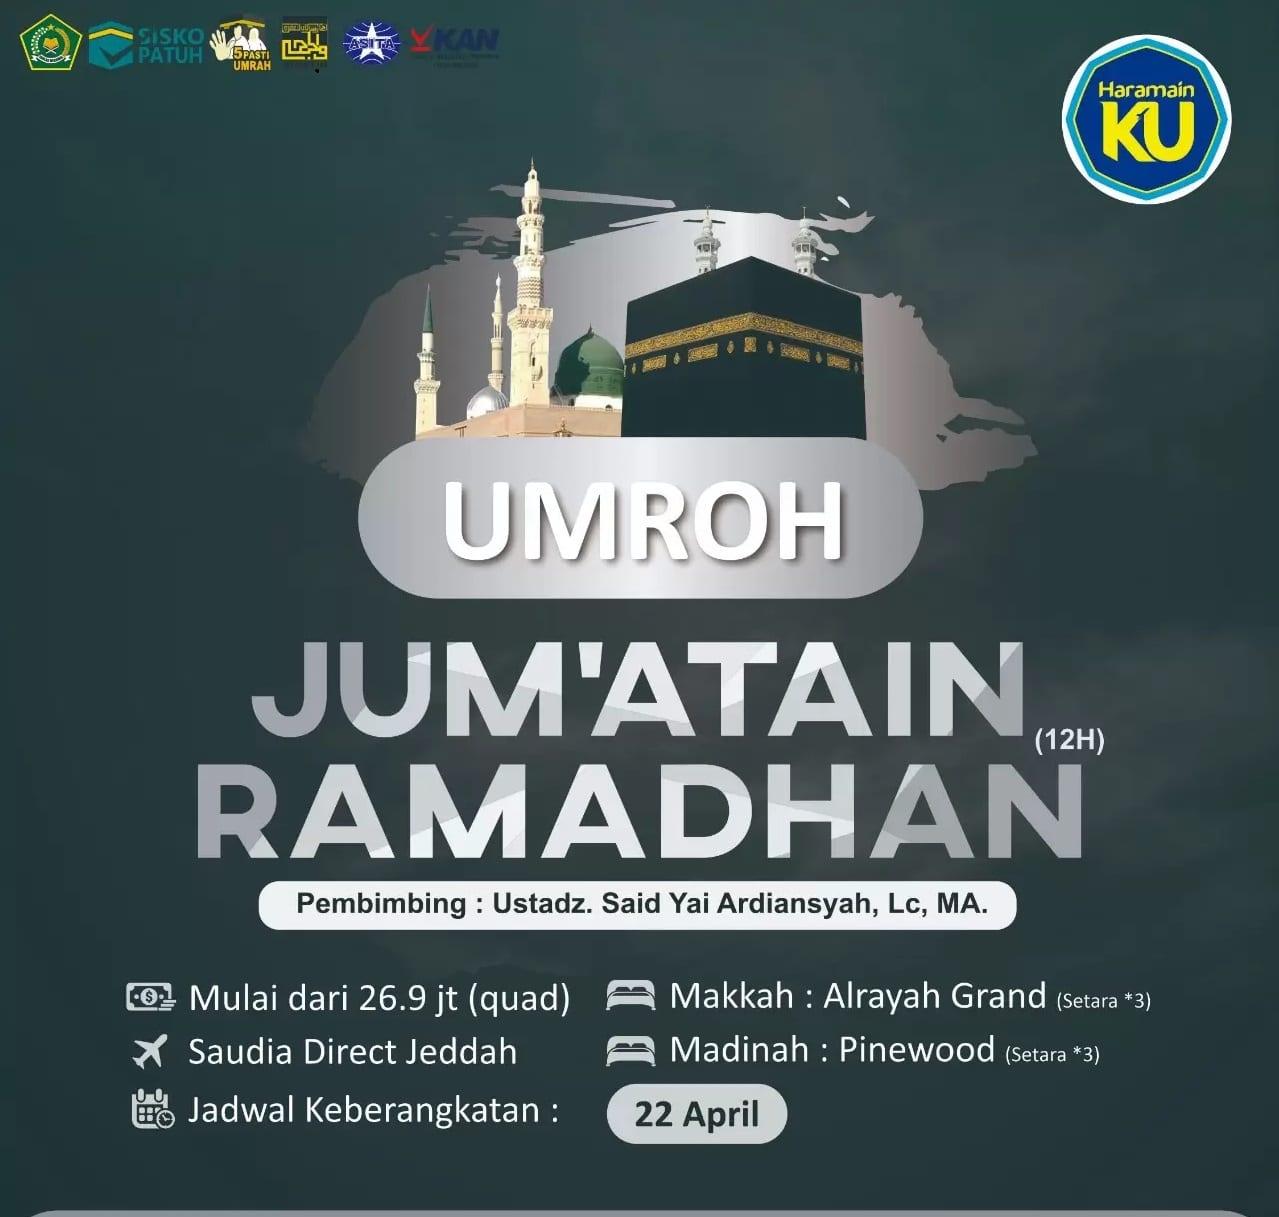 umroh jumatain ramadhan 1